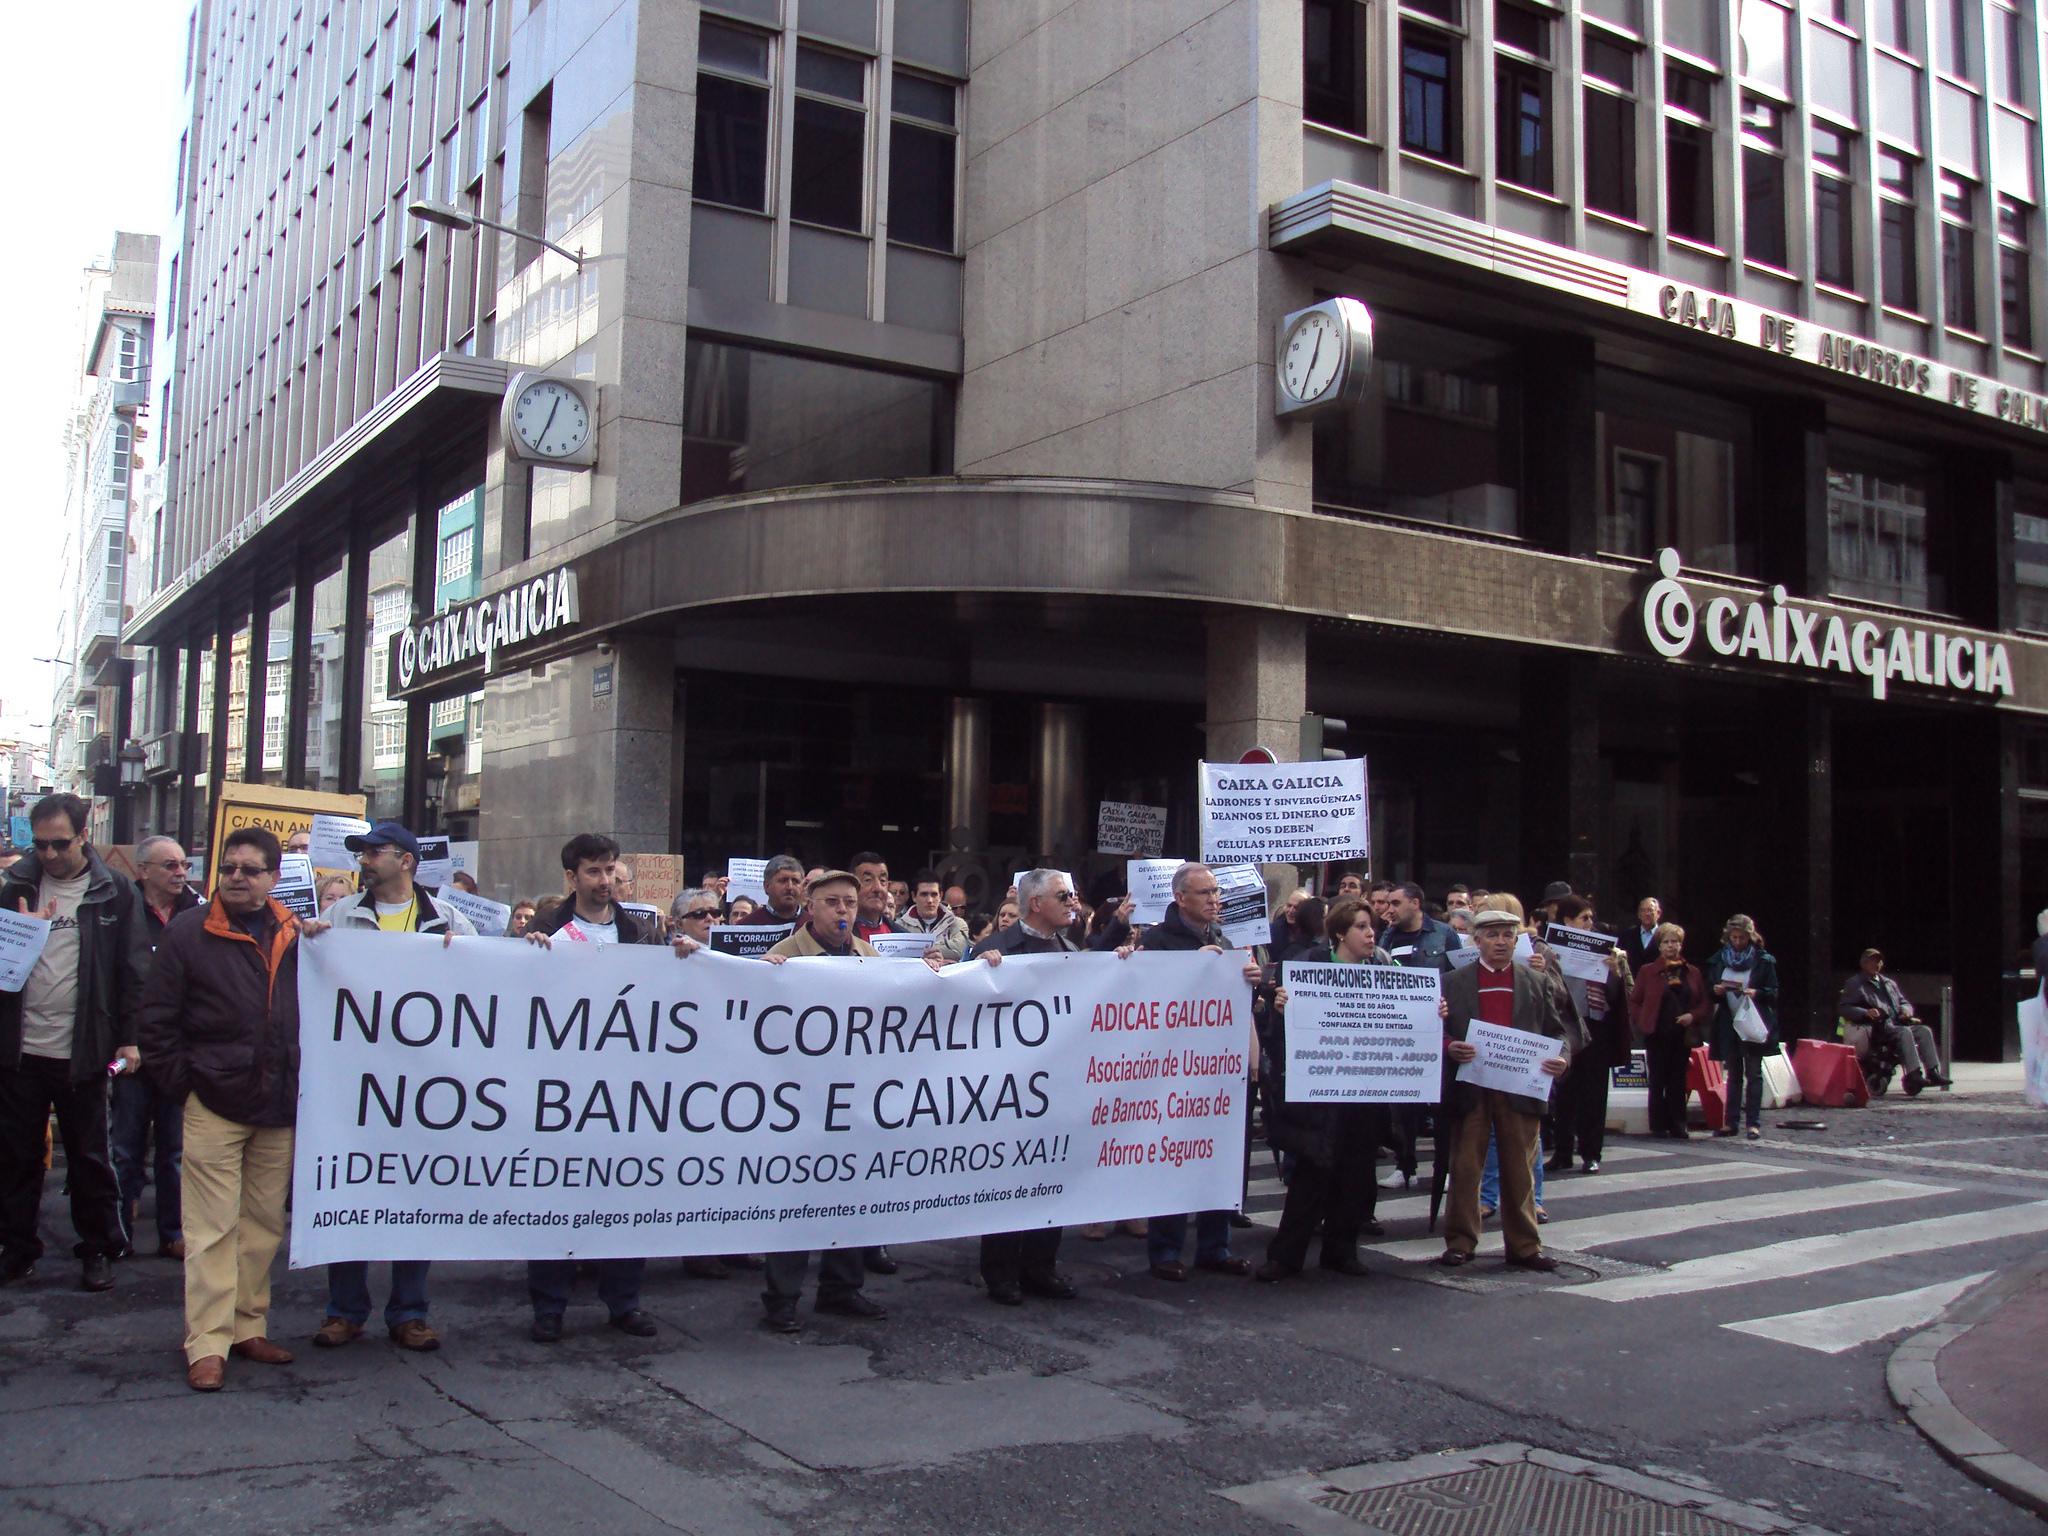 Les banques espagnoles devraient 36 milliards d'euros pour des prêts abusifs